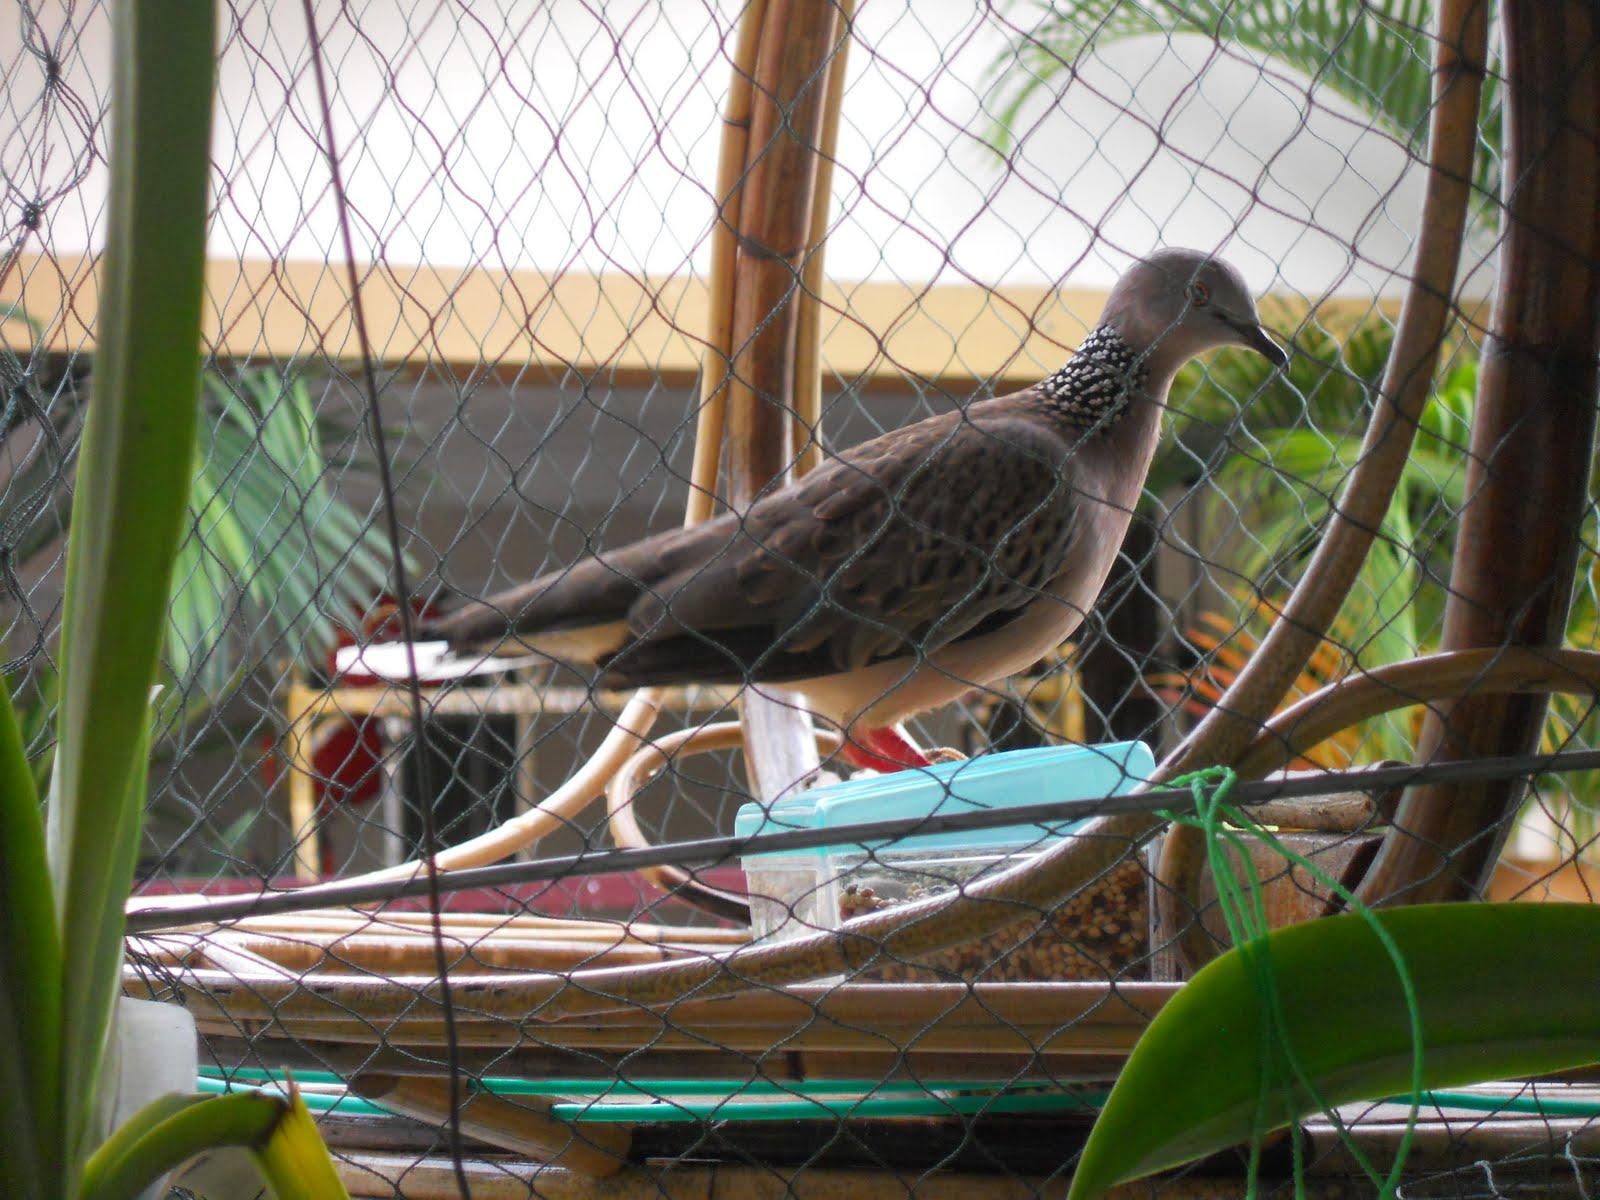 merbuk n tekukur burung baru cabar tekukur garang depan rumah